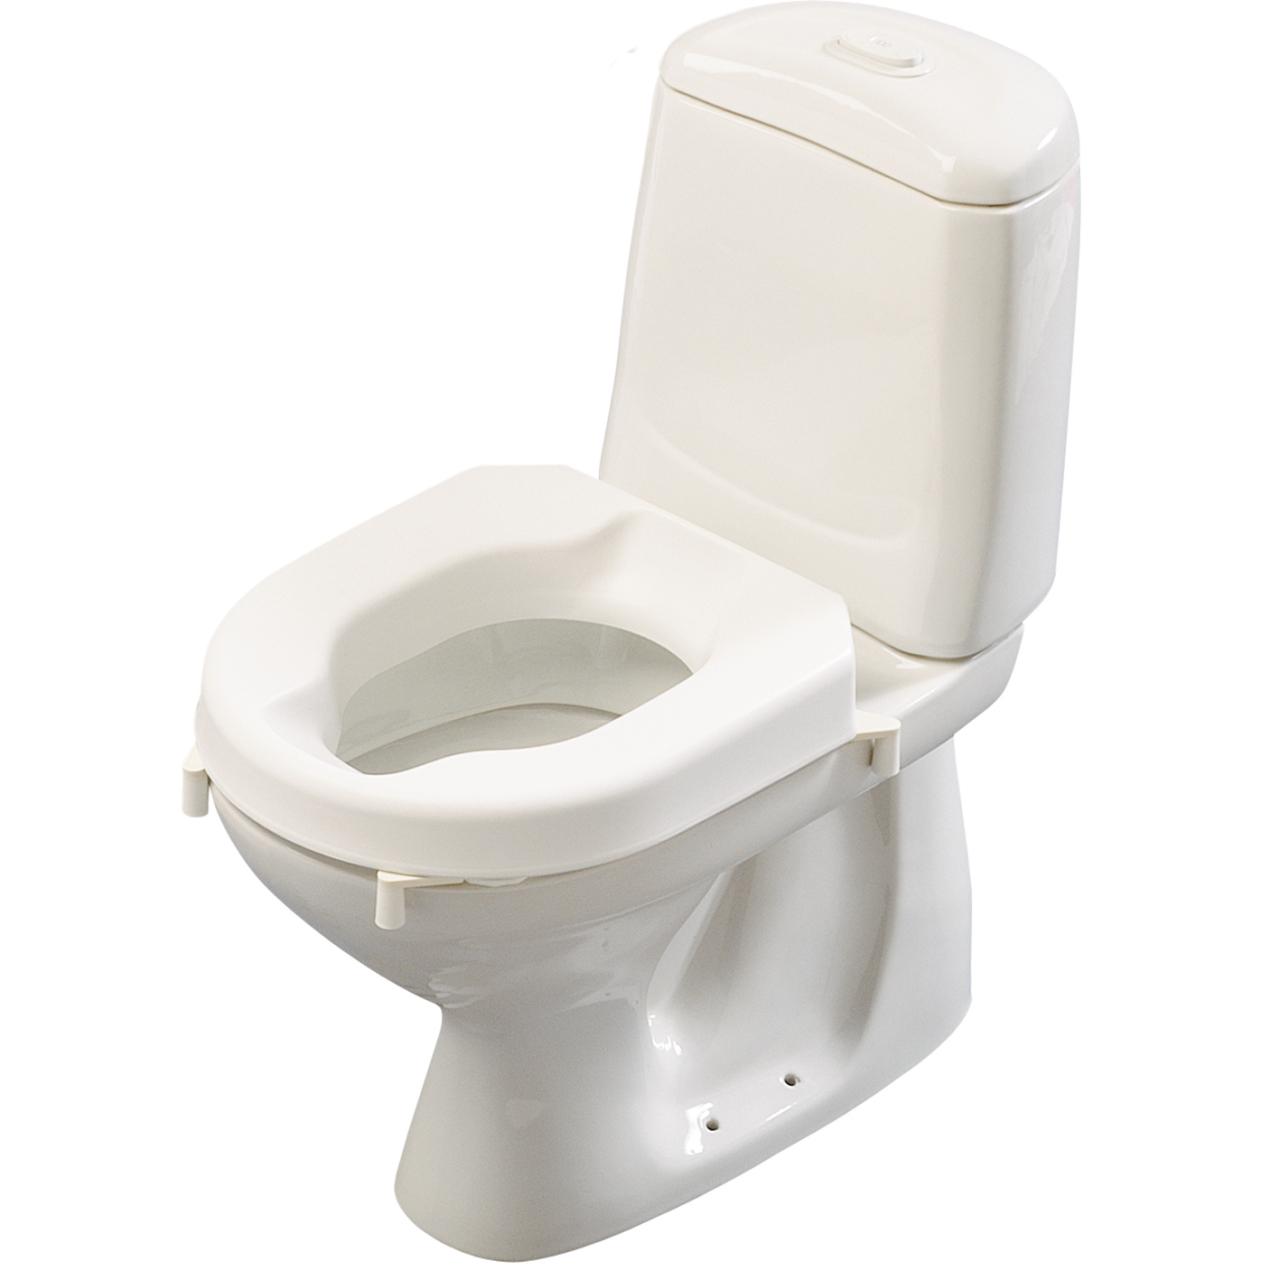 Etac Hi Loo Raised Toilet Seat On Sale